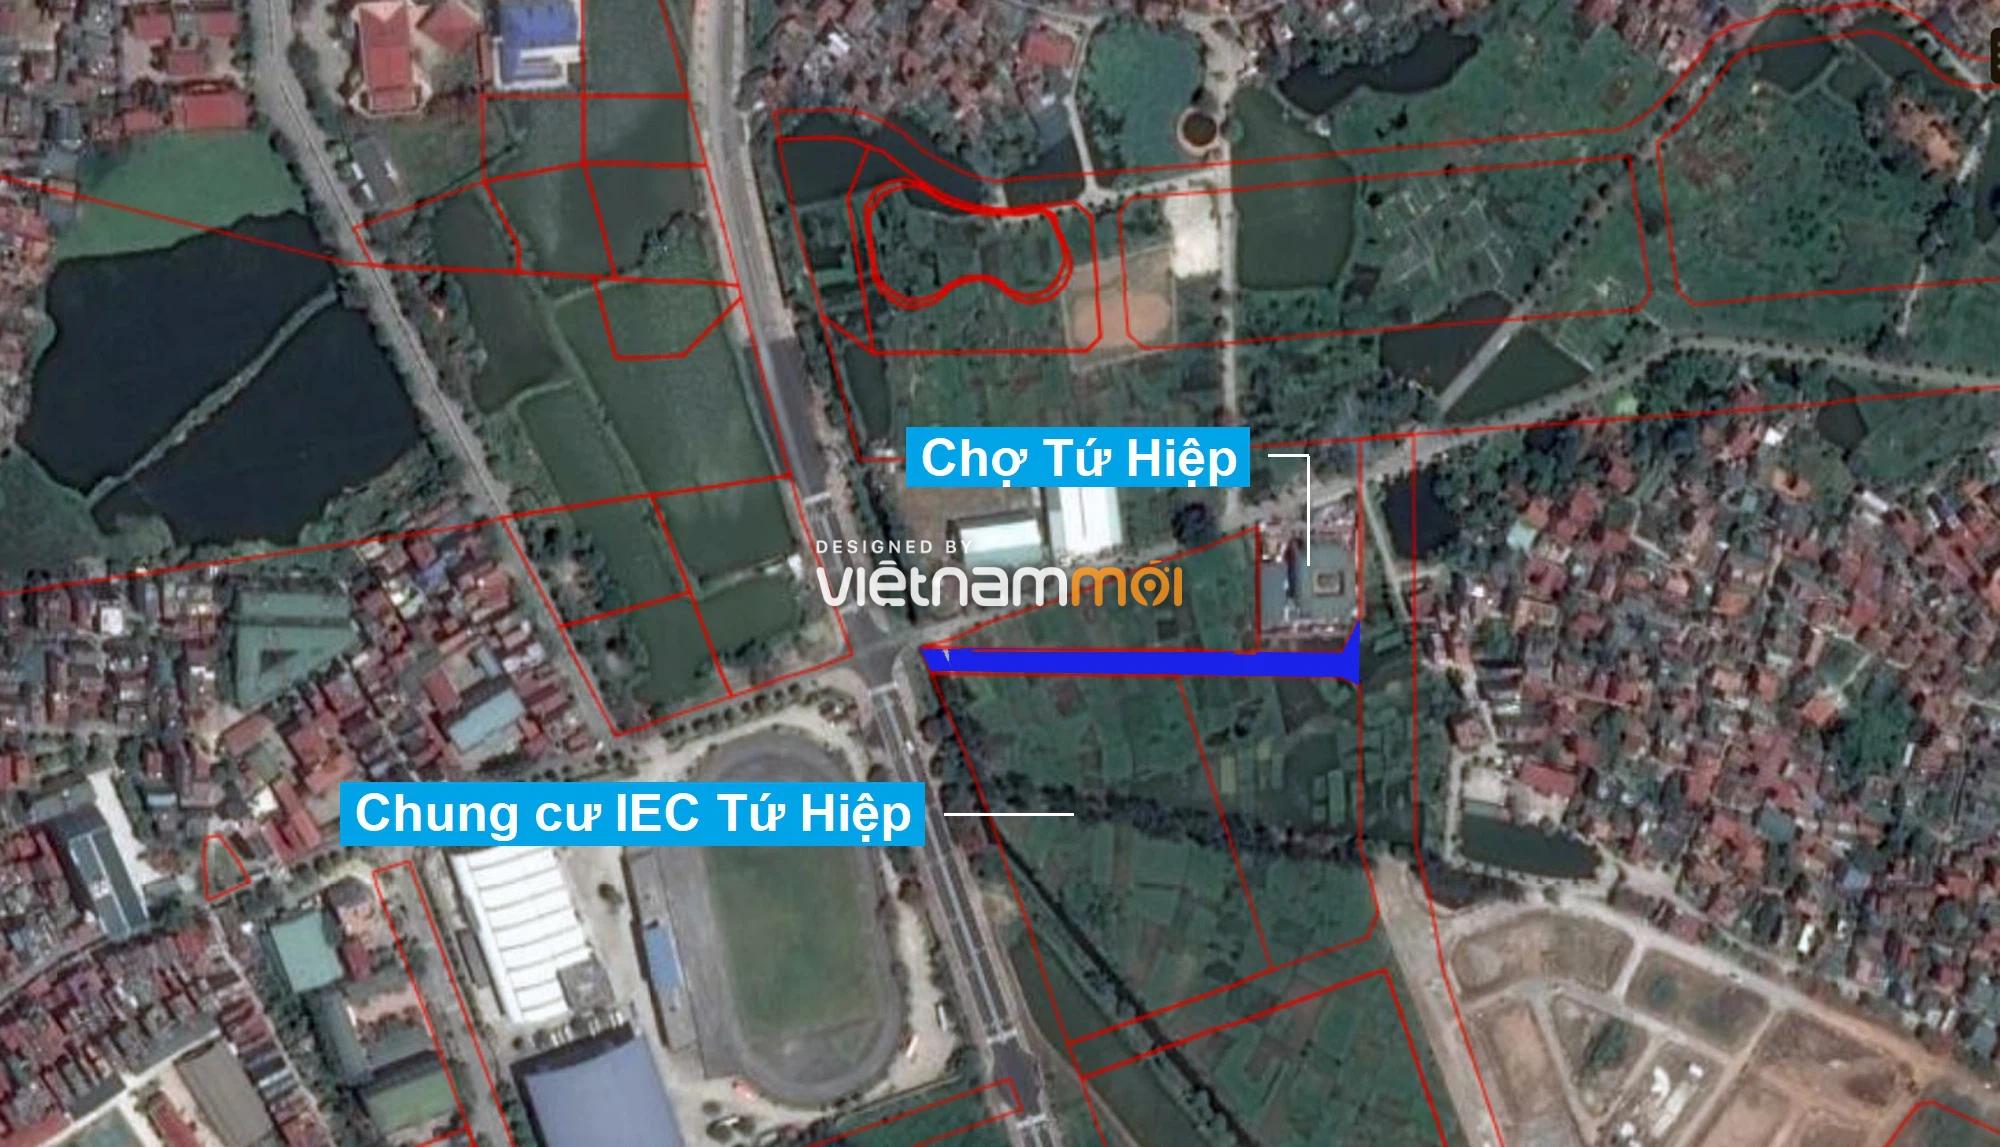 Những khu đất sắp thu hồi để mở đường ở xã Tứ Hiệp, Thanh Trì, Hà Nội (phần 2) - Ảnh 16.